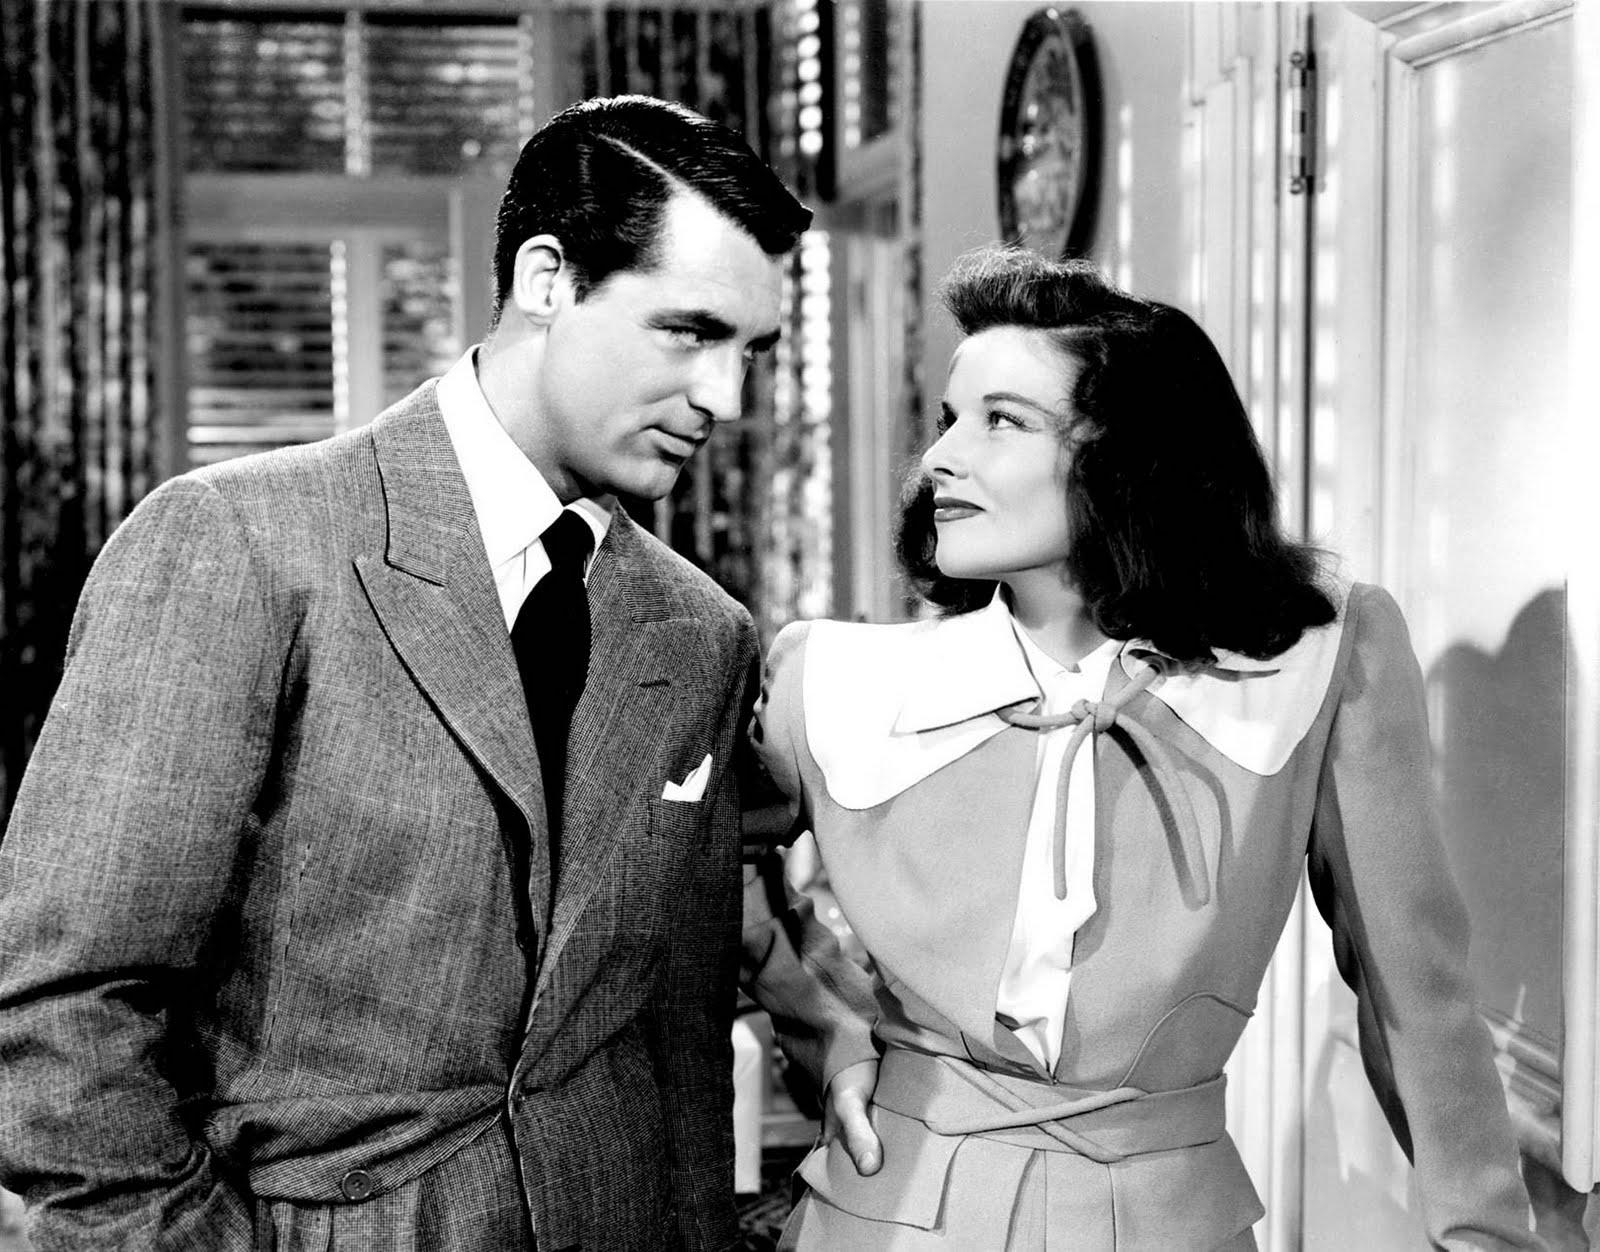 Grant-Katharine-Hepburn-The-Philadelphia-Story-1940.jpg